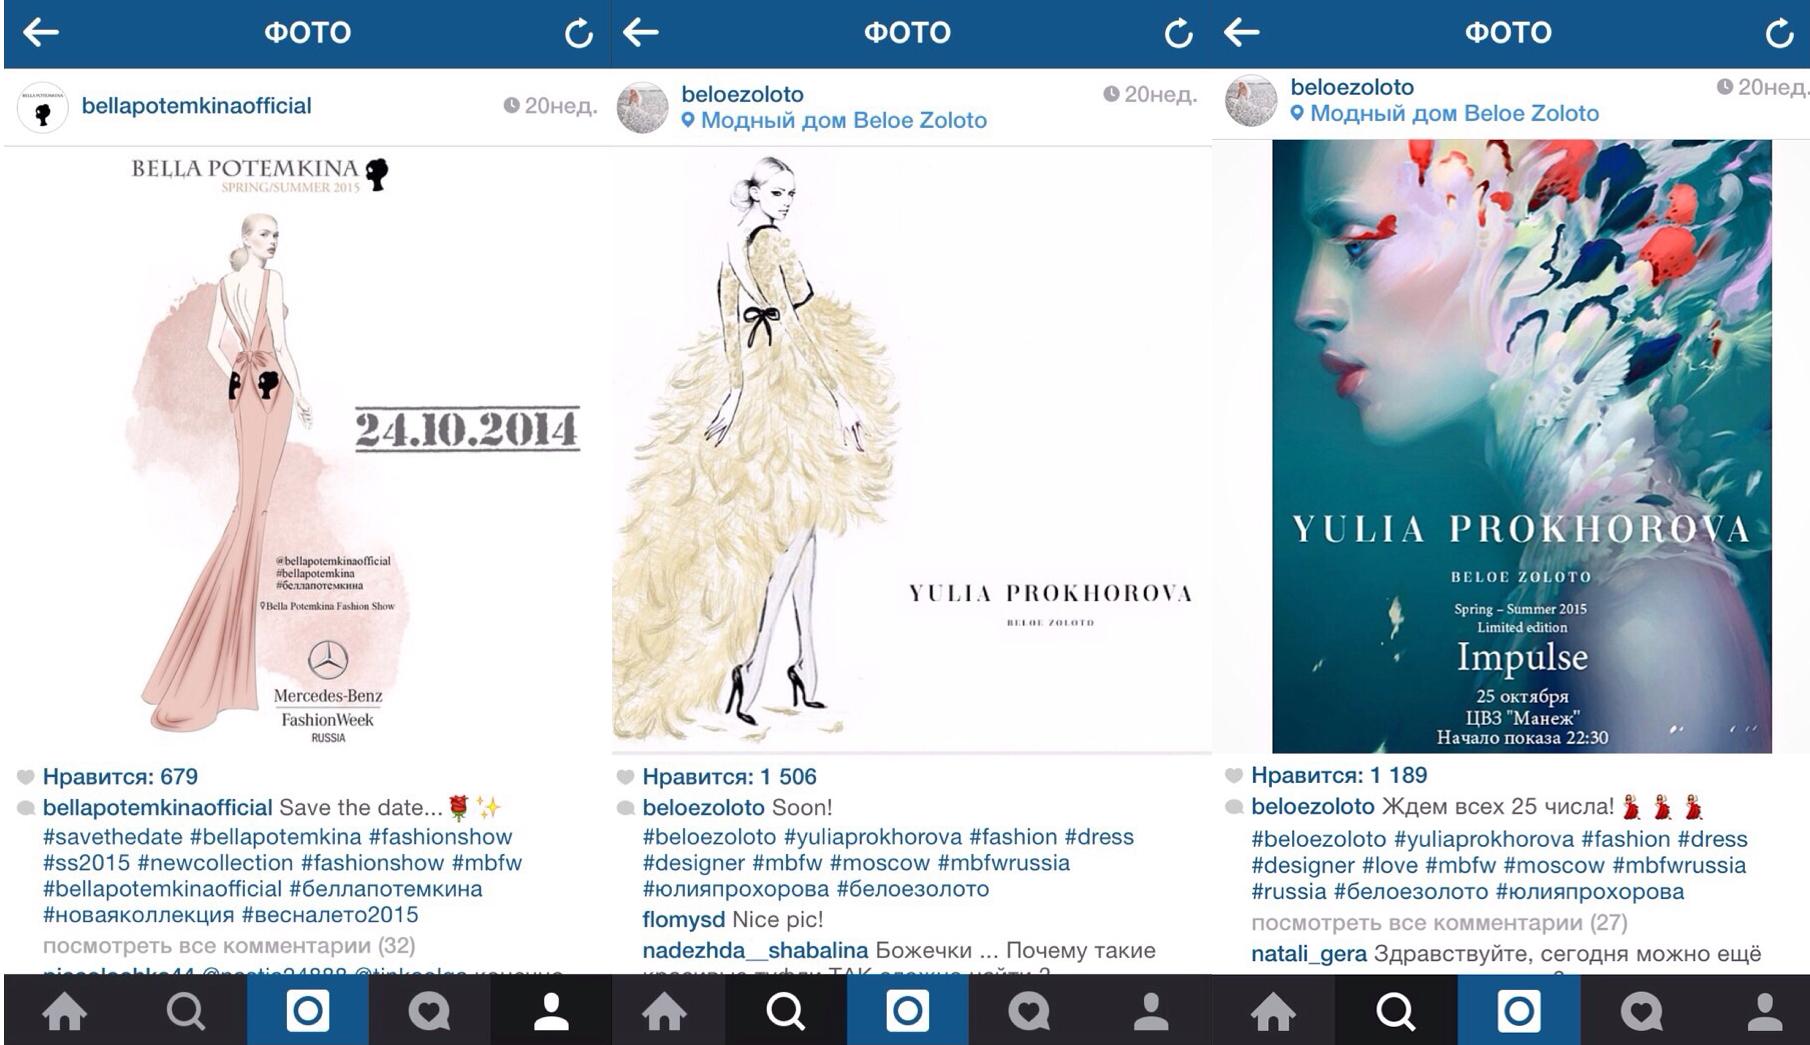 Вслед за Потемкиной Прохорова сменила макет афиши модного показа